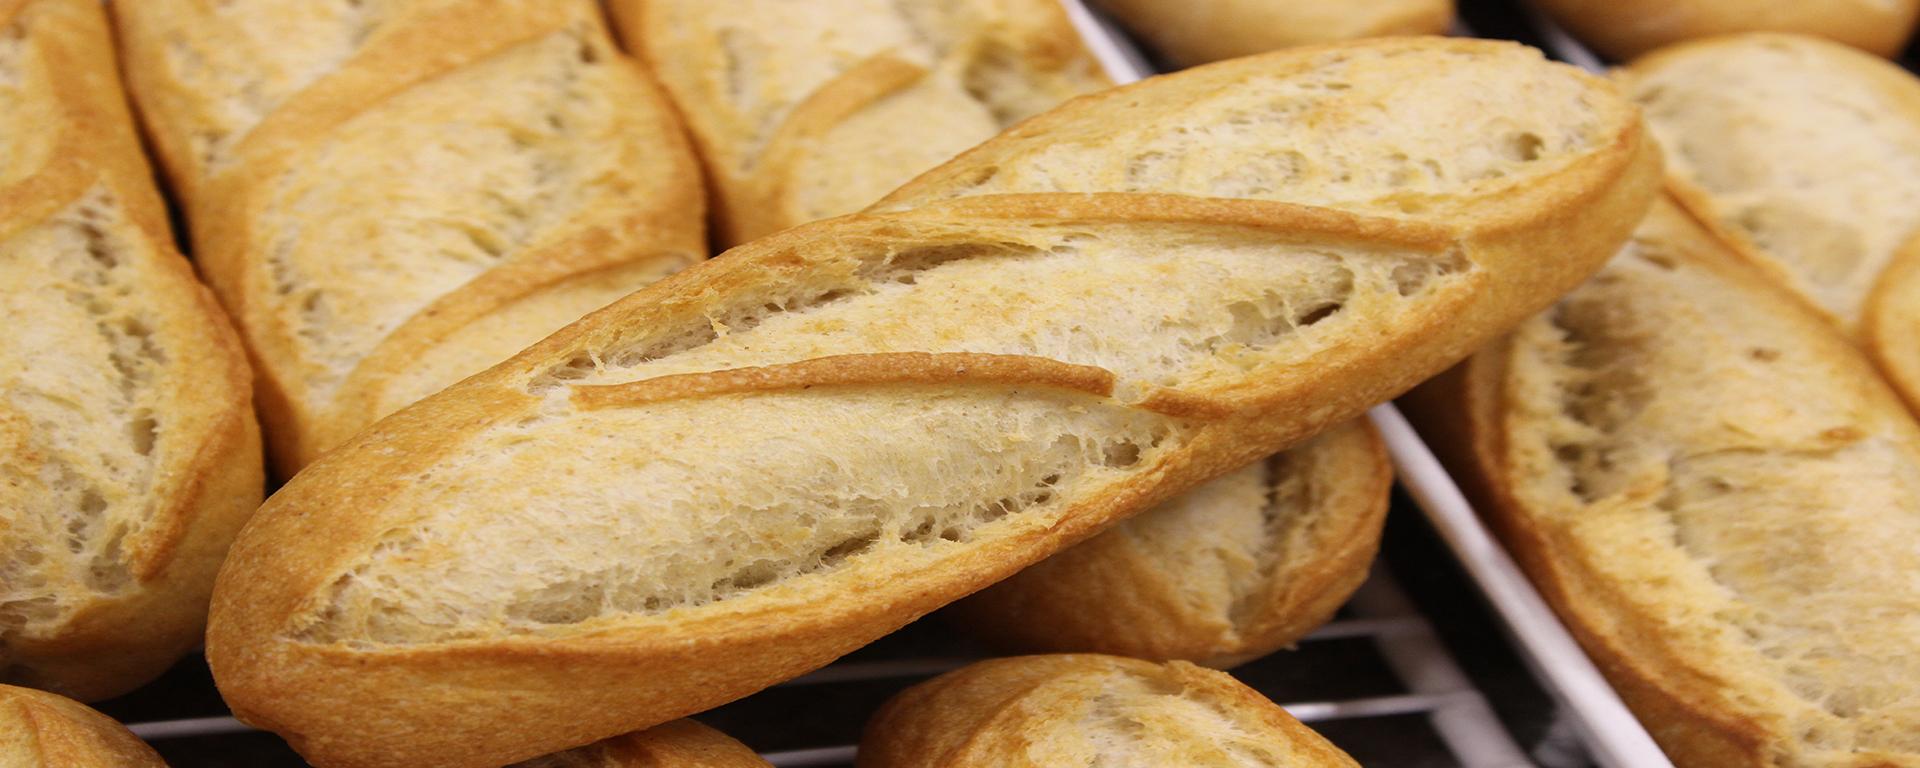 Para melhorar a panificação brasileira é preciso melhorar o pão do dia-a-dia